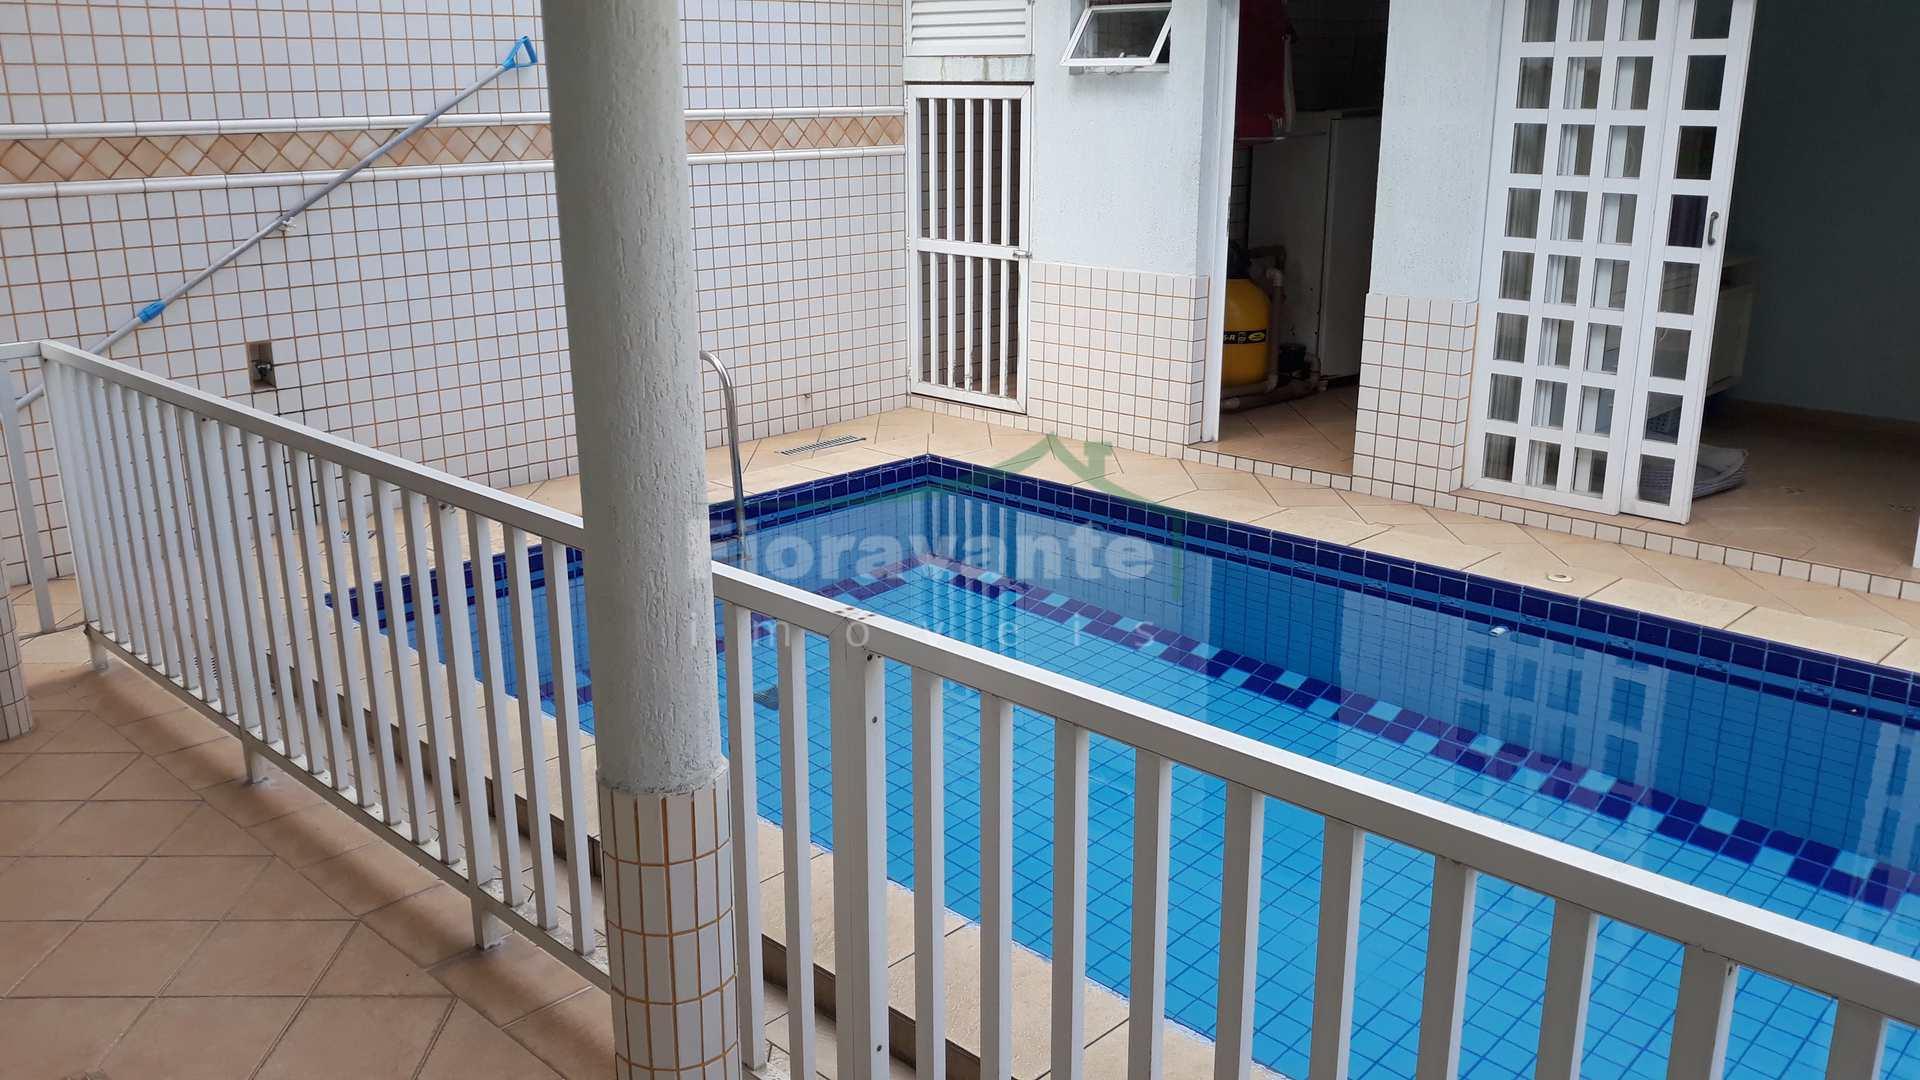 Sobrado, 4 dorms. (2 suítes), varandas, piscina e churrasqueira